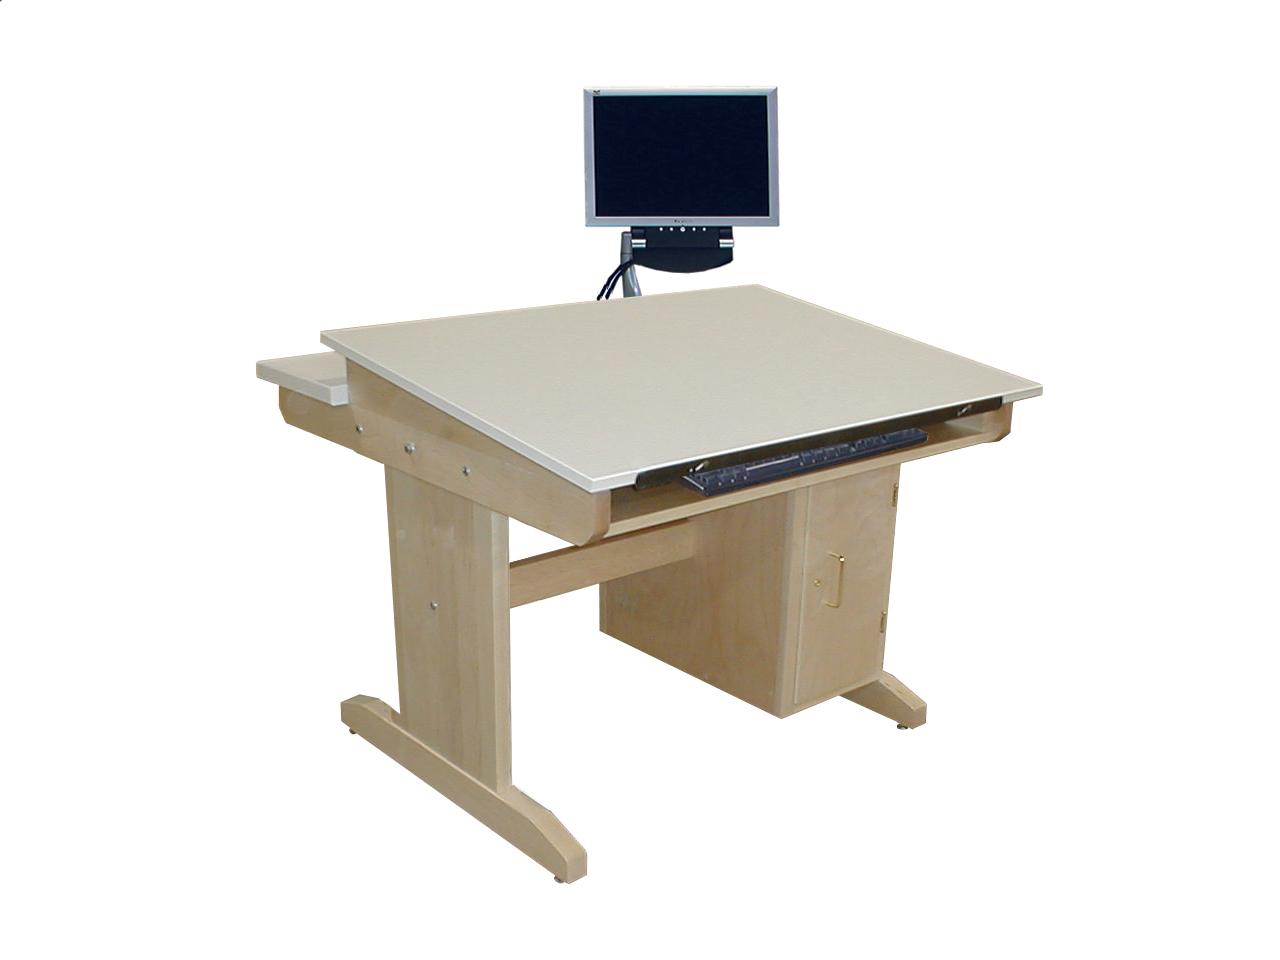 1280x960 Lap Desk